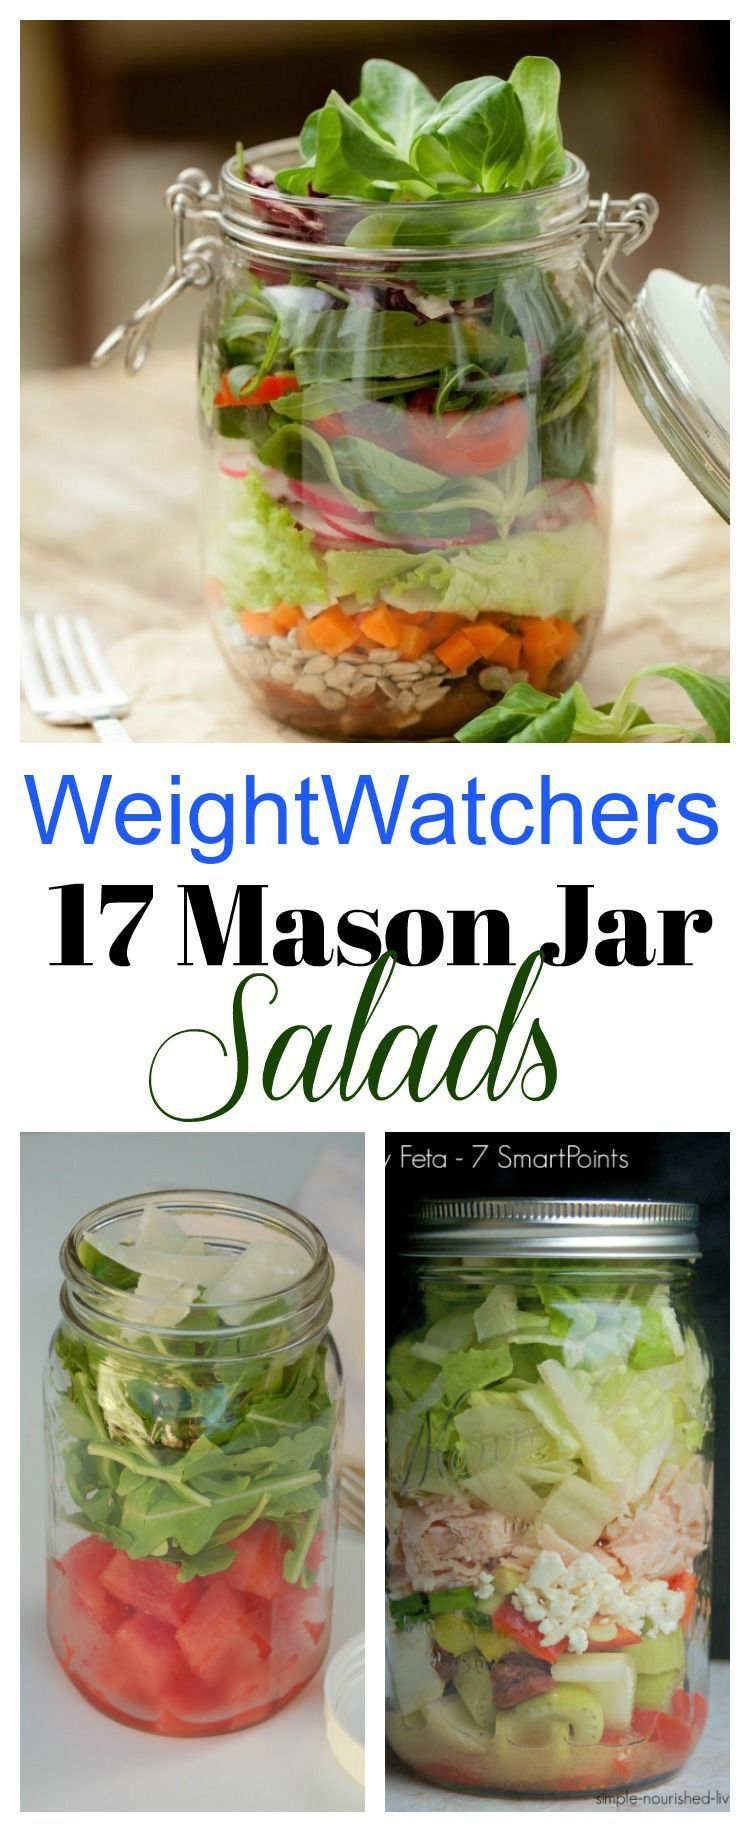 Weight Watchers Mason Jar Salads with SmartPoints!